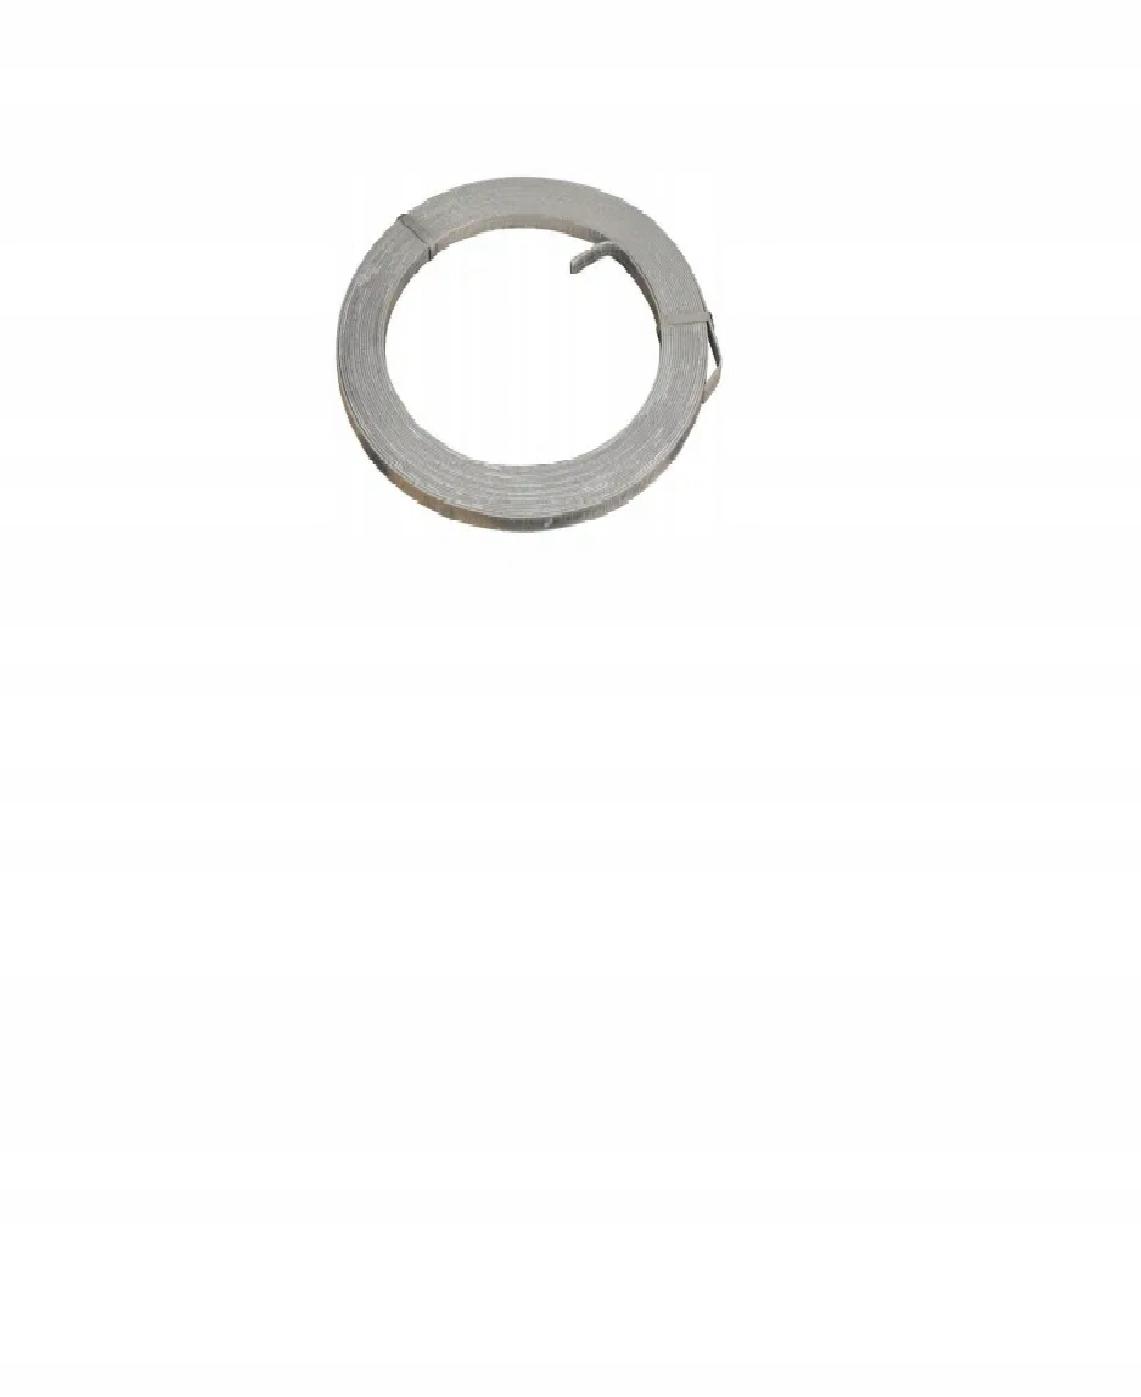 Полоса из нержавеющей стали V4a 30x3,5